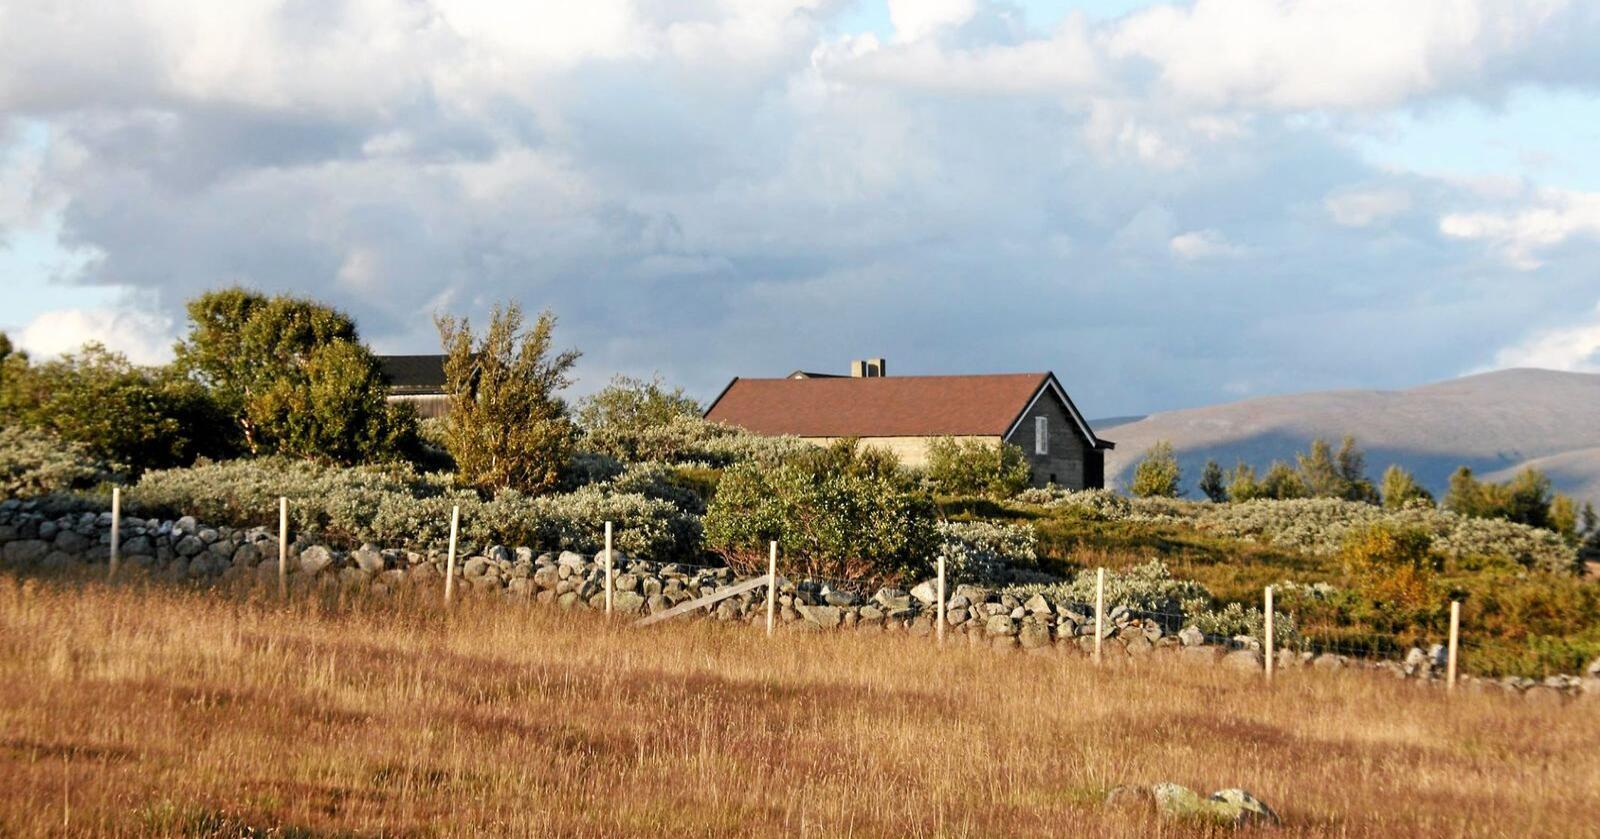 Må rives: De tre bygningene på Bentdalsetra (bildet) i setergrenda Vesllie midt på Dovrefjell er av miljøstatsråd Sveinung Rotevatn (V) vedtatt revet av hensyn til villreinen i området. Foto: Ragnhild Botheim